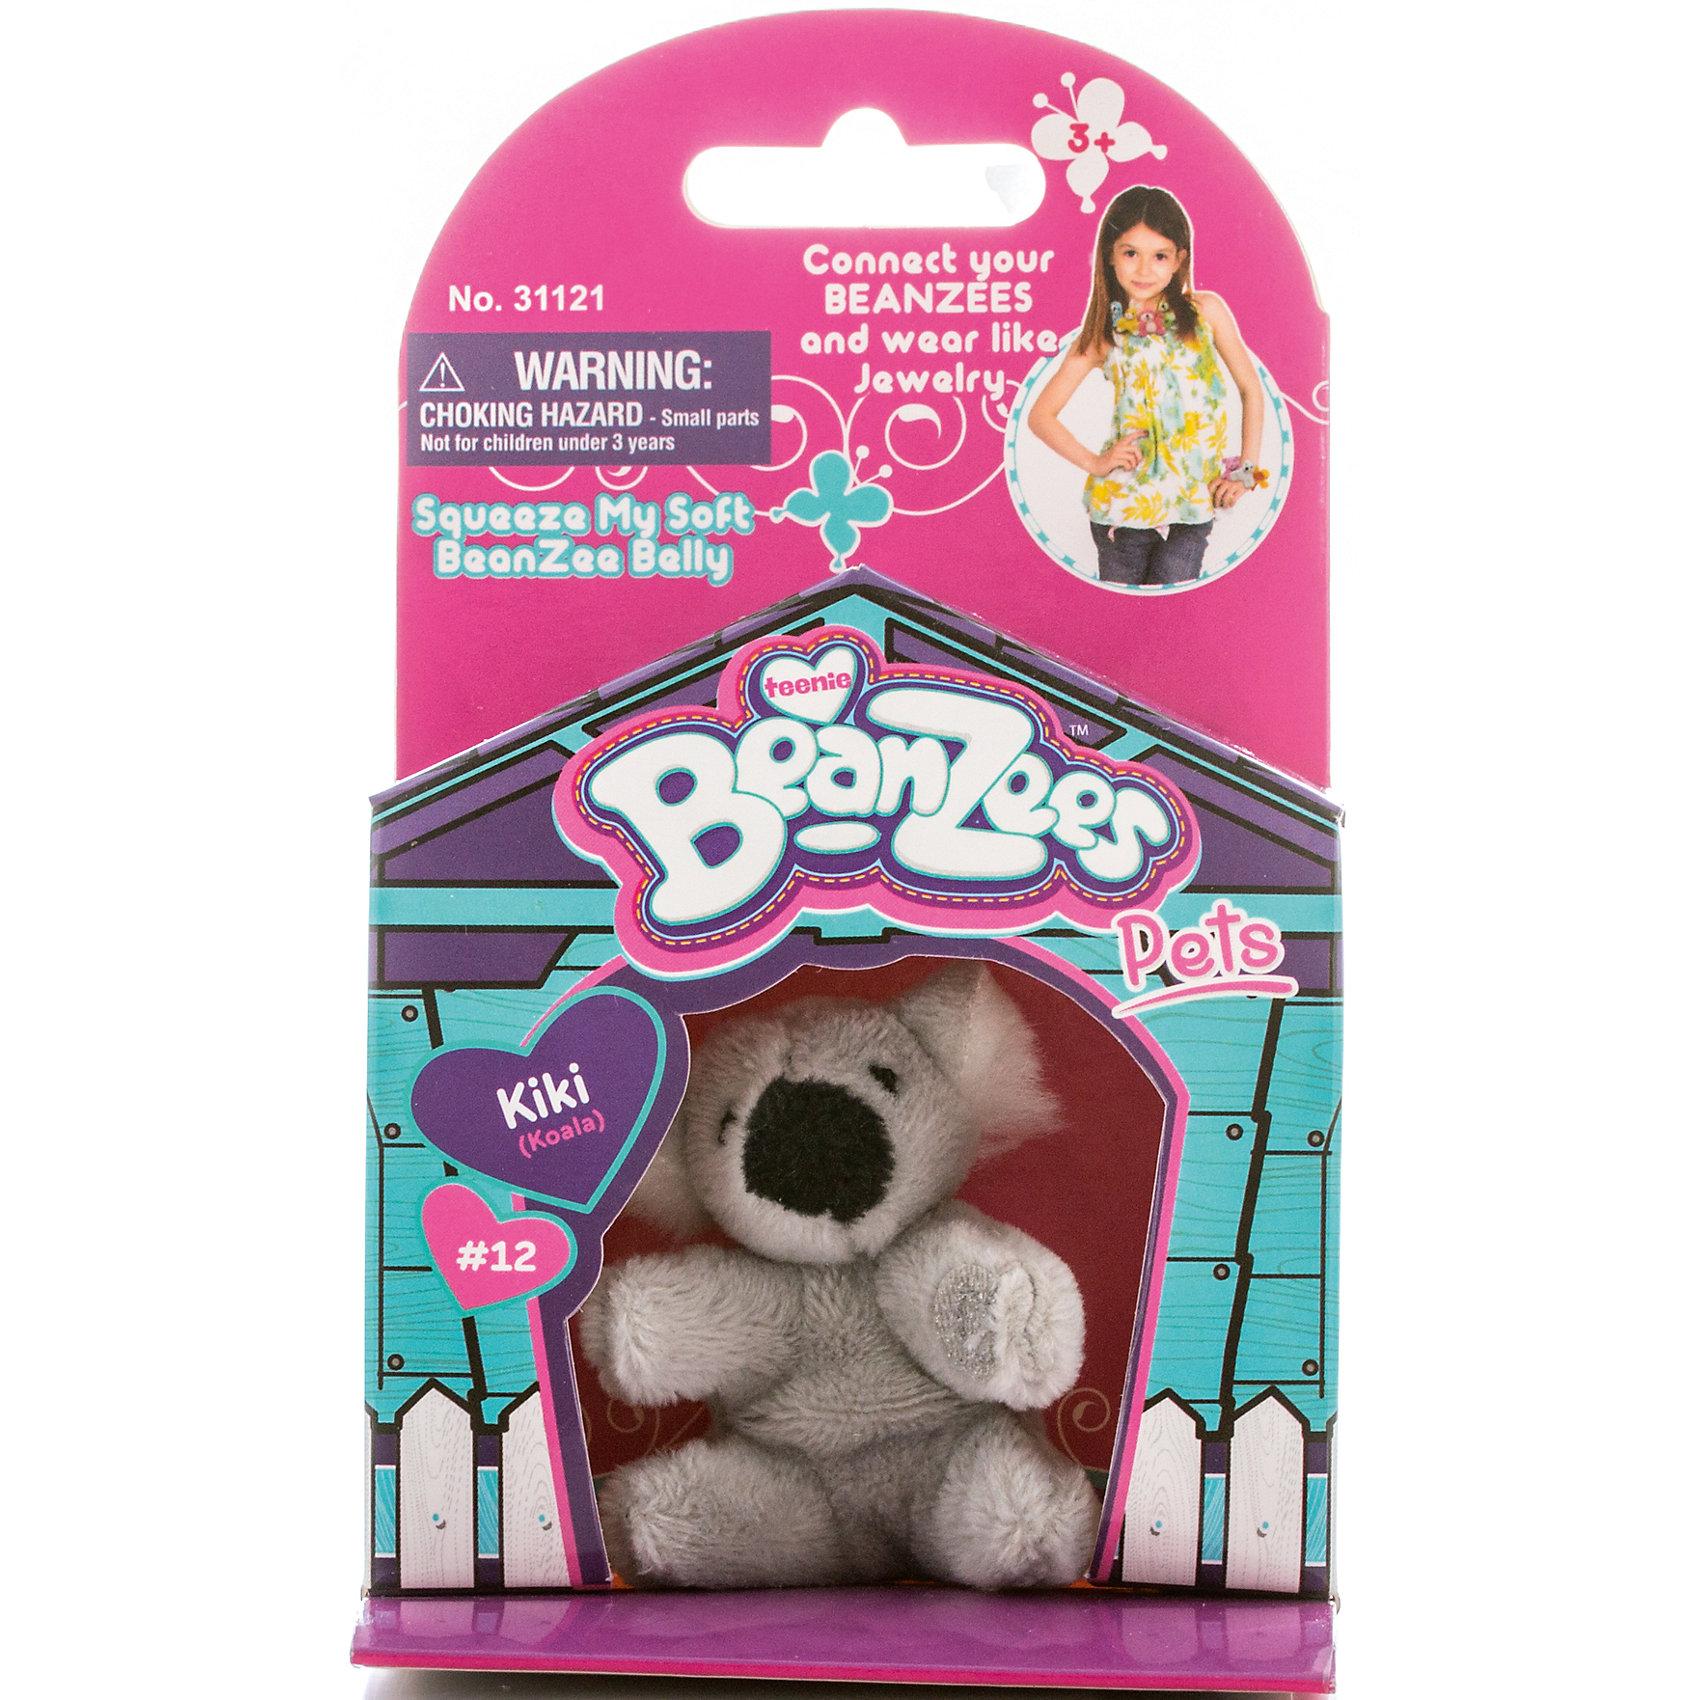 Мини-плюш Коала, BeanzeezХарактеристики товара:<br><br>• особенности: наличие на лапках липучек, игрушку можно соединять с другими героями из серии<br>• материал: пластик, текстиль<br>• размер упаковки: 9х5,5х14,5 см.<br>• высота игрушки: 5 см<br>• возраст: от 3 лет<br>• страна бренда: США<br>• страна производства: Китай<br><br>Такая симпатичная игрушка не оставит ребенка равнодушным! Какой малыш откажется поиграть с маленькими плюшевыми игрушками из большой пушистой коллекции?! Игрушки очень качественно выполнены, поэтому такая фигурка станет отличным подарком ребенку. Благодаря липучкам на лапках животных можно соединить между собой. Дети приходят в восторг от этих игрушек!<br>Такие предметы помогают ребенку отрабатывать новые навыки и способности - развивать ловкость, мелкую моторику, воображение, мышление, логику. Изделие производится из качественных сертифицированных материалов, безопасных даже для самых маленьких.<br><br>Мини-плюш Коала от бренда Beanzeez можно купить в нашем интернет-магазине.<br><br>Ширина мм: 50<br>Глубина мм: 140<br>Высота мм: 85<br>Вес г: 73<br>Возраст от месяцев: 36<br>Возраст до месяцев: 2147483647<br>Пол: Женский<br>Возраст: Детский<br>SKU: 5218680